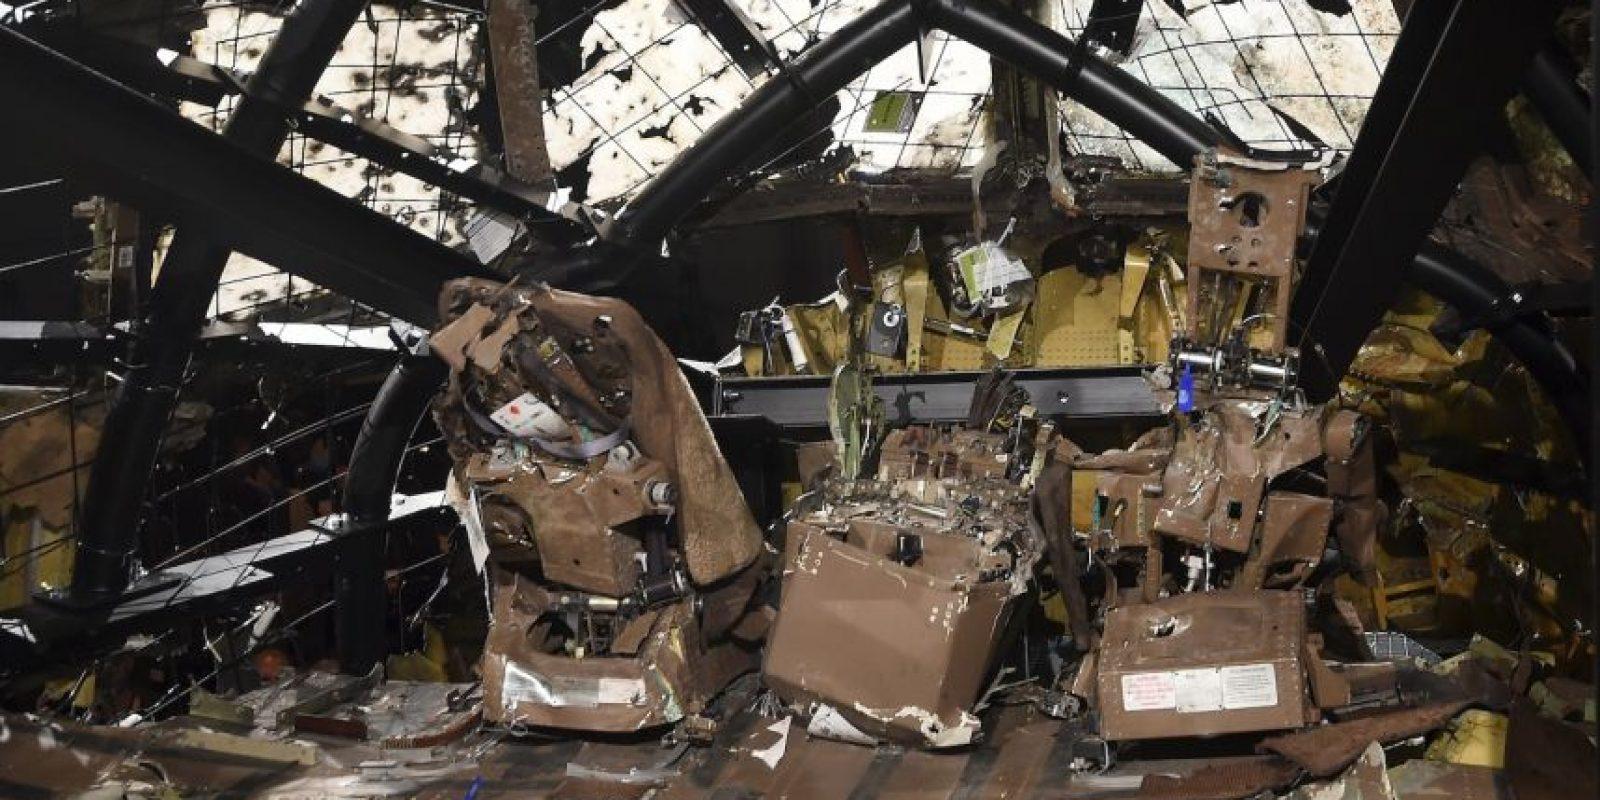 El vuelo MH17 se estrelló como resultado de una detonación de un misil fuera del aparato en la parte izquierda de la cabina de mando. Foto:AFP